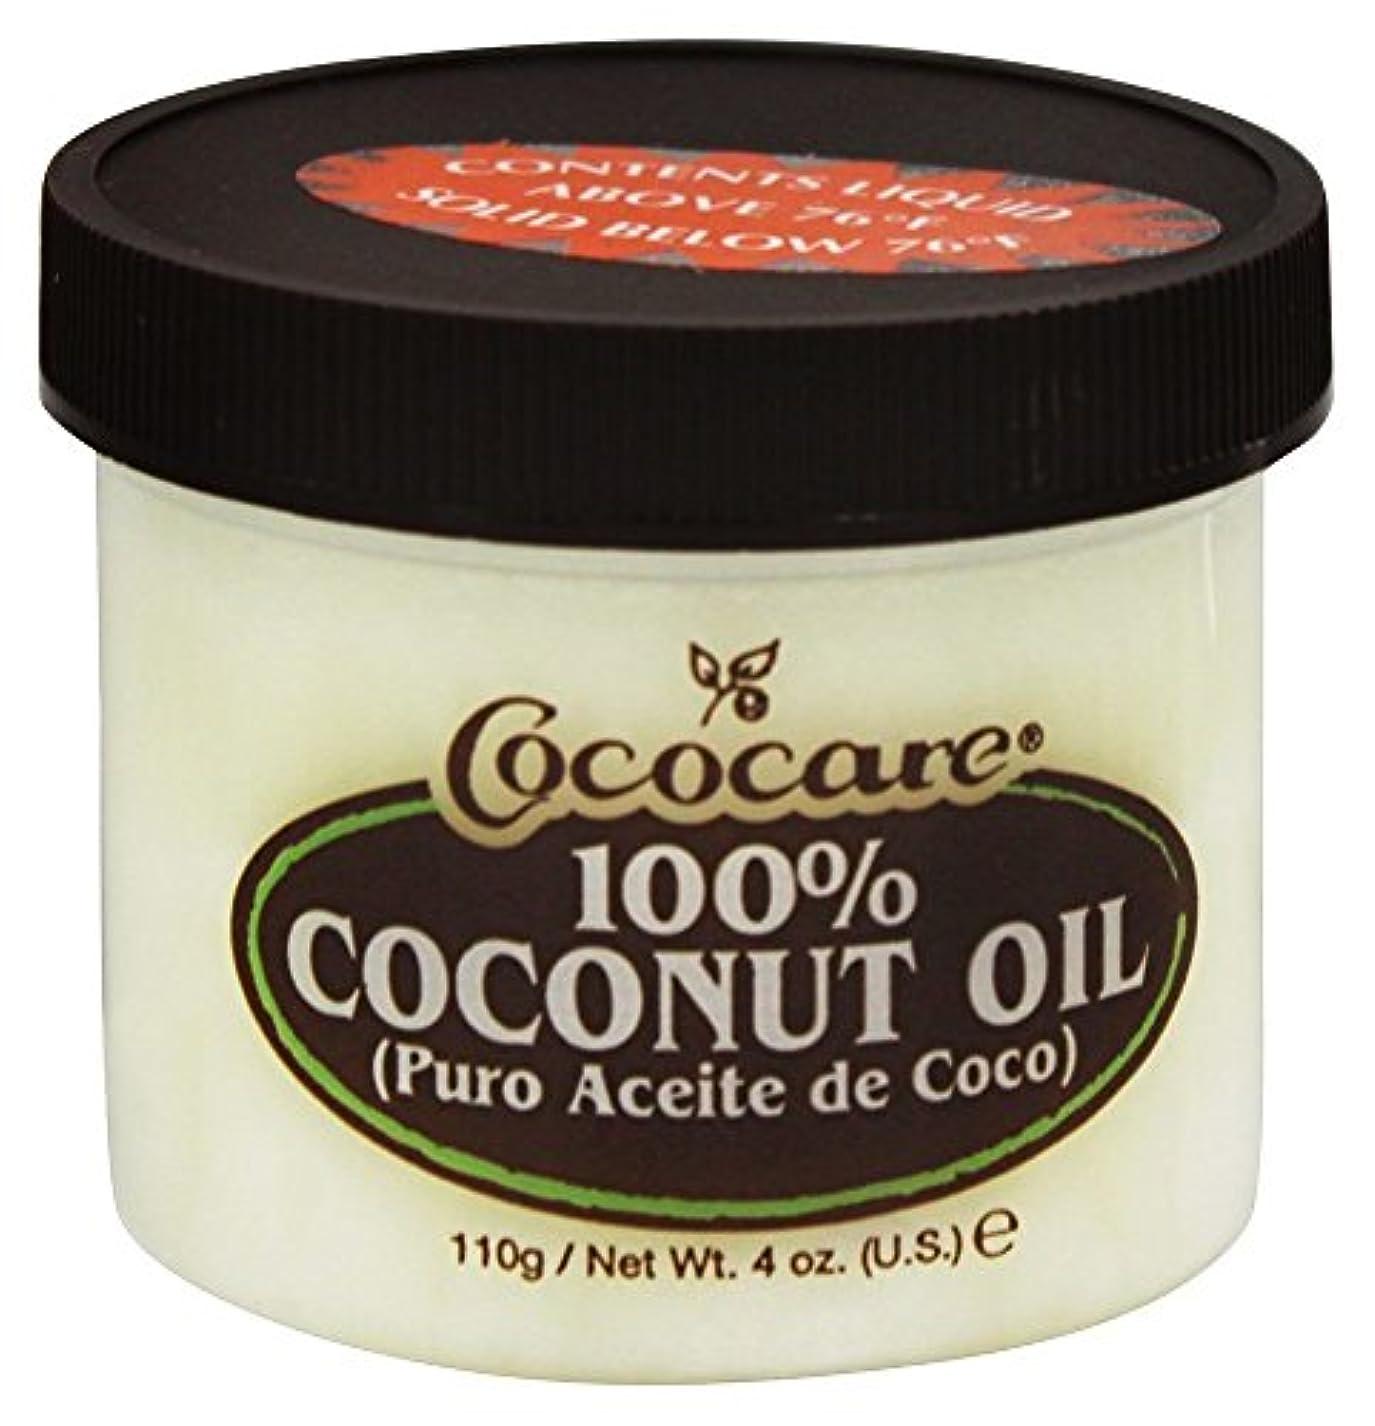 手入れマウスピース冷ややかなCococare - 100% ココナッツ オイル - 4ポンド [並行輸入品]